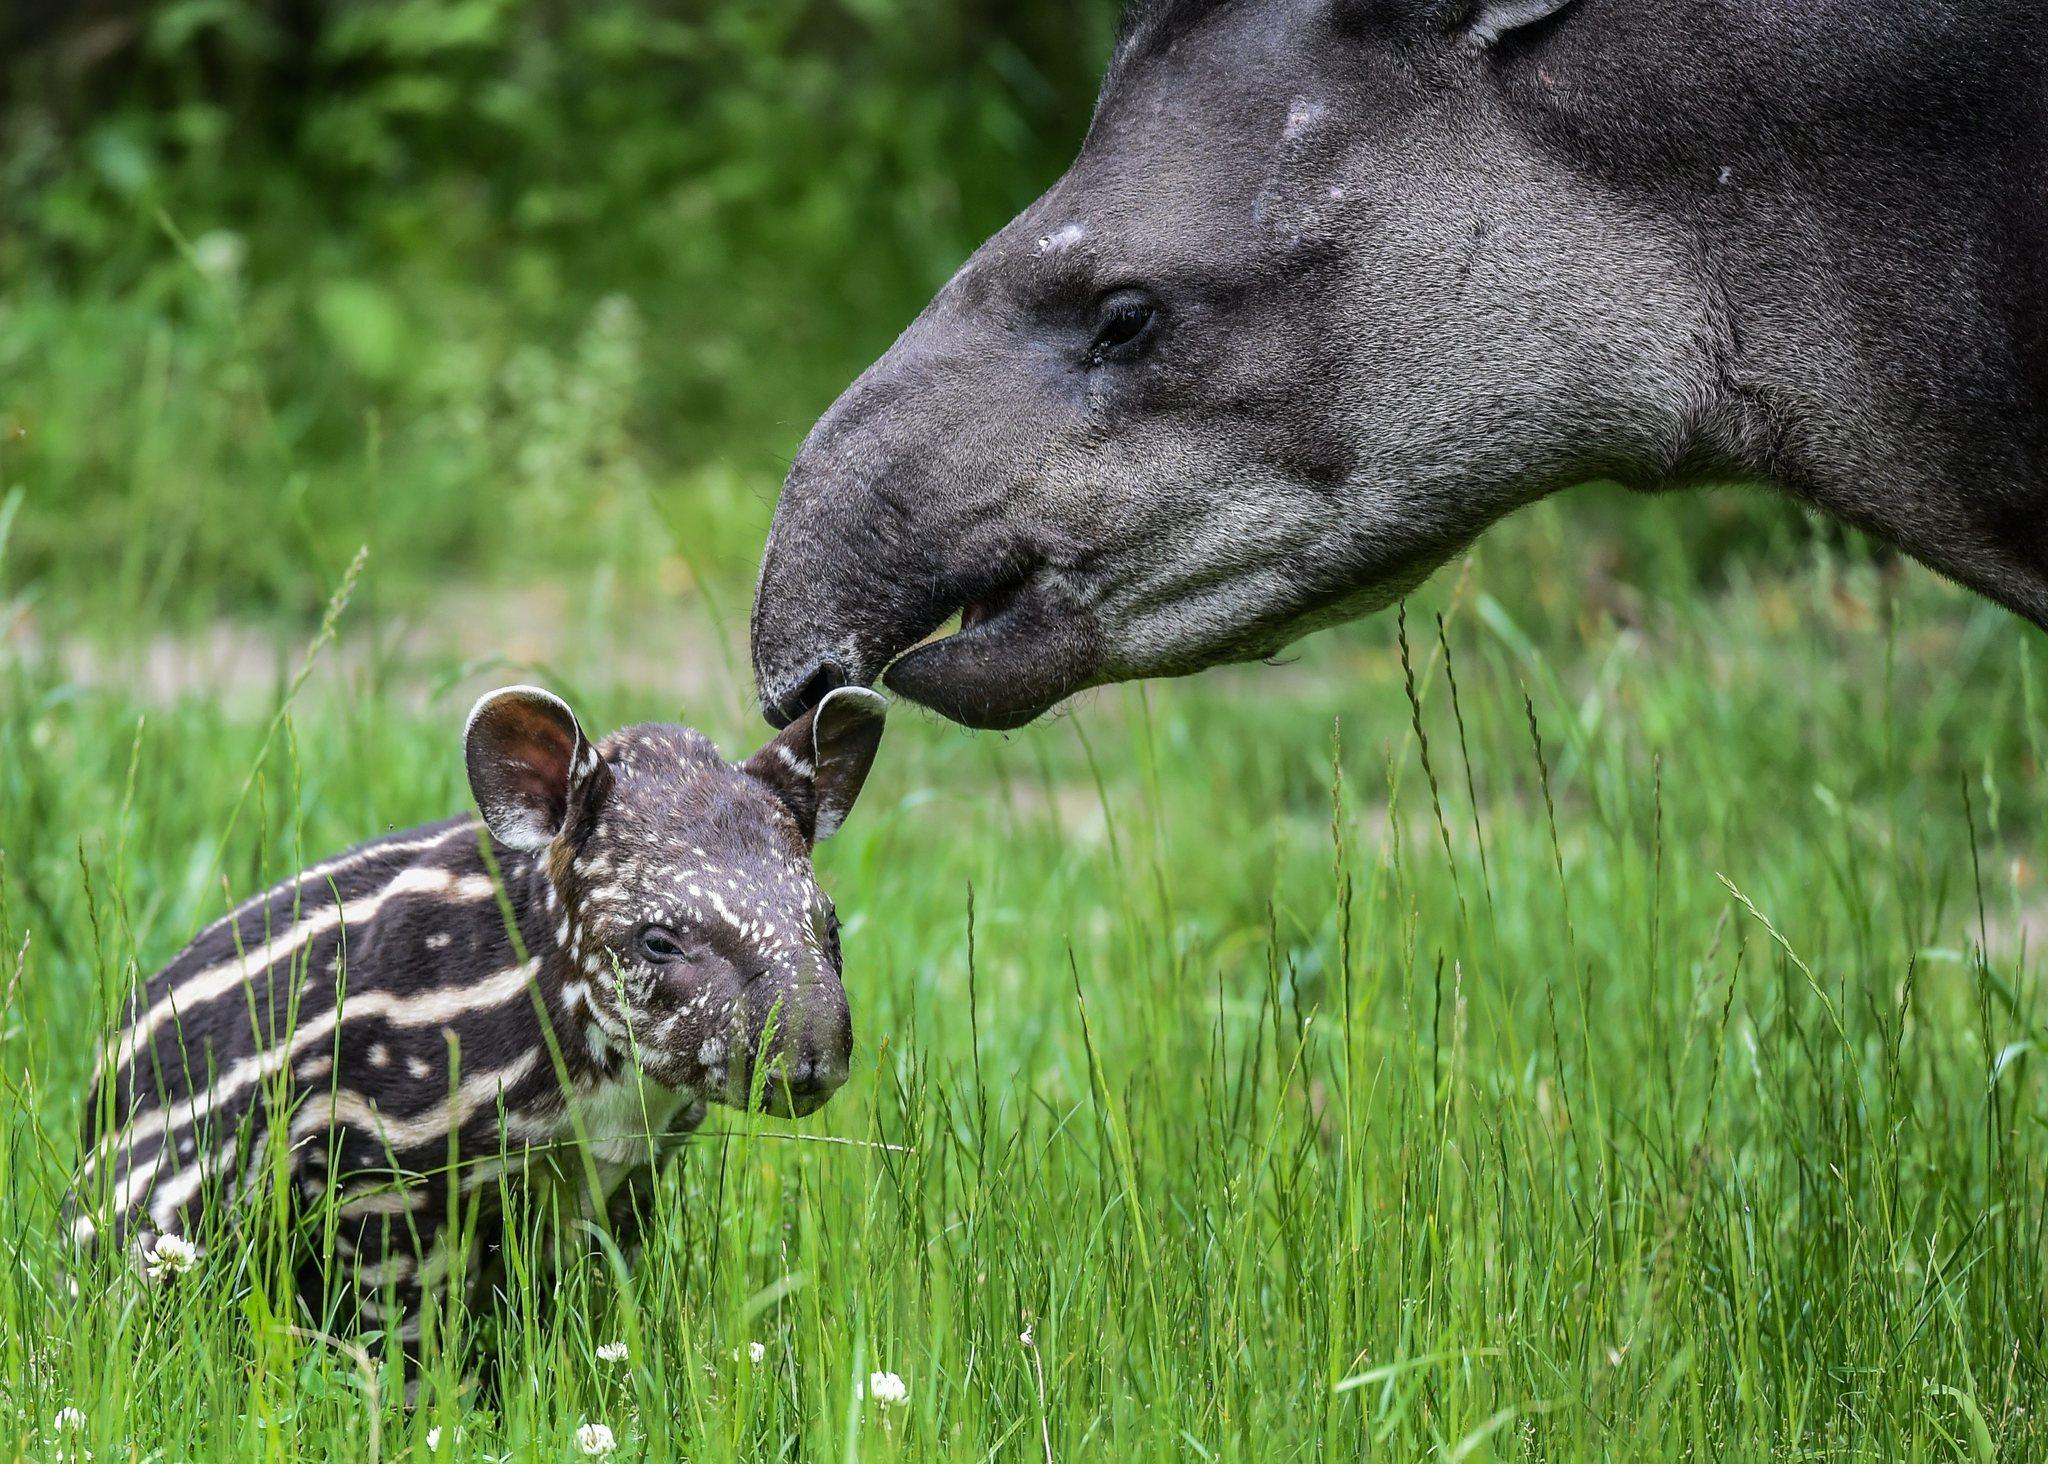 ct-video-prague-zoo-welcomes-baby-tapir-20150529.jpg